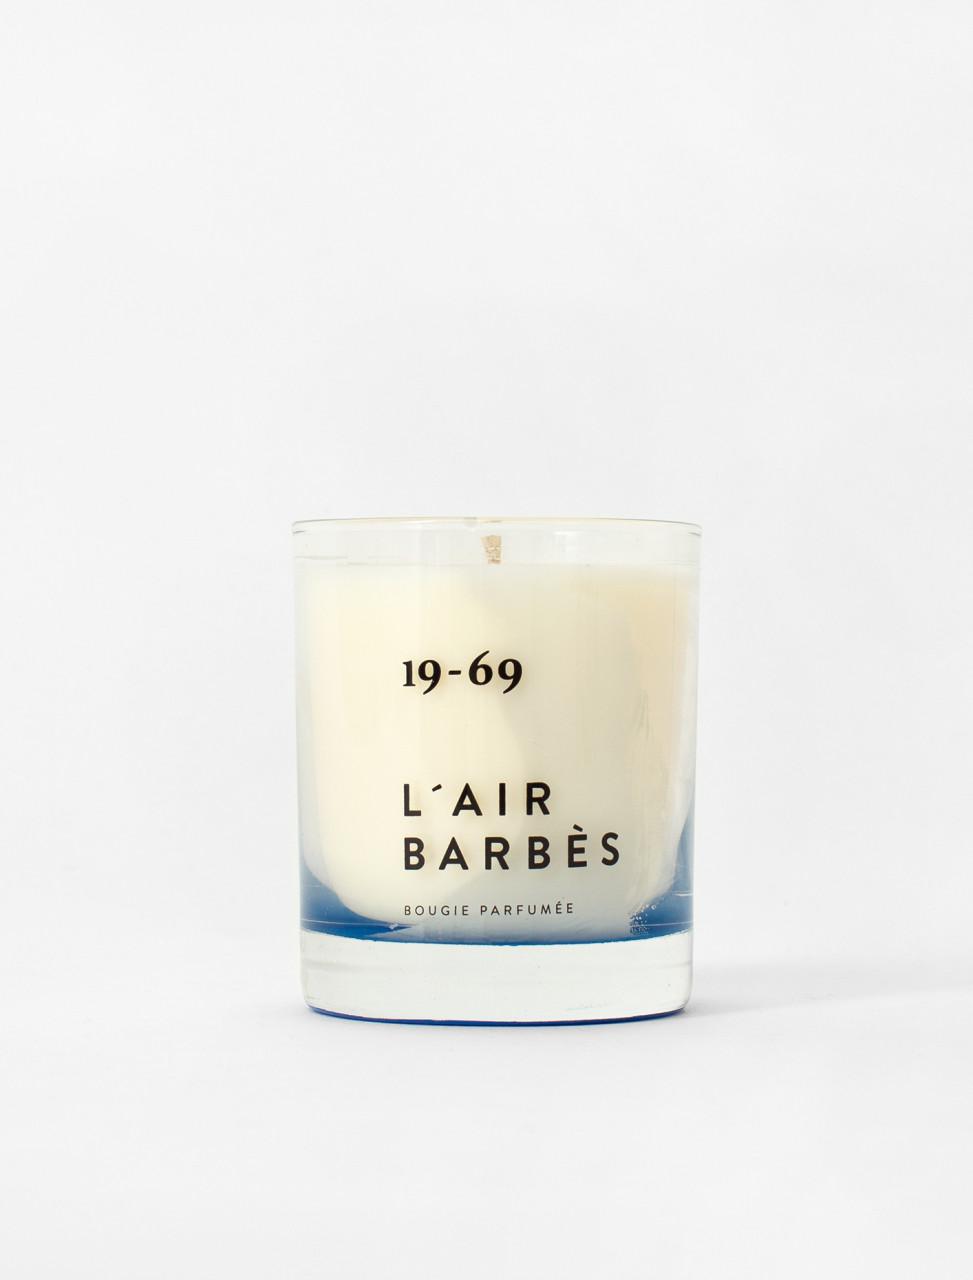 LÀIR BARBÈS Bougie Parfumée 200 ml